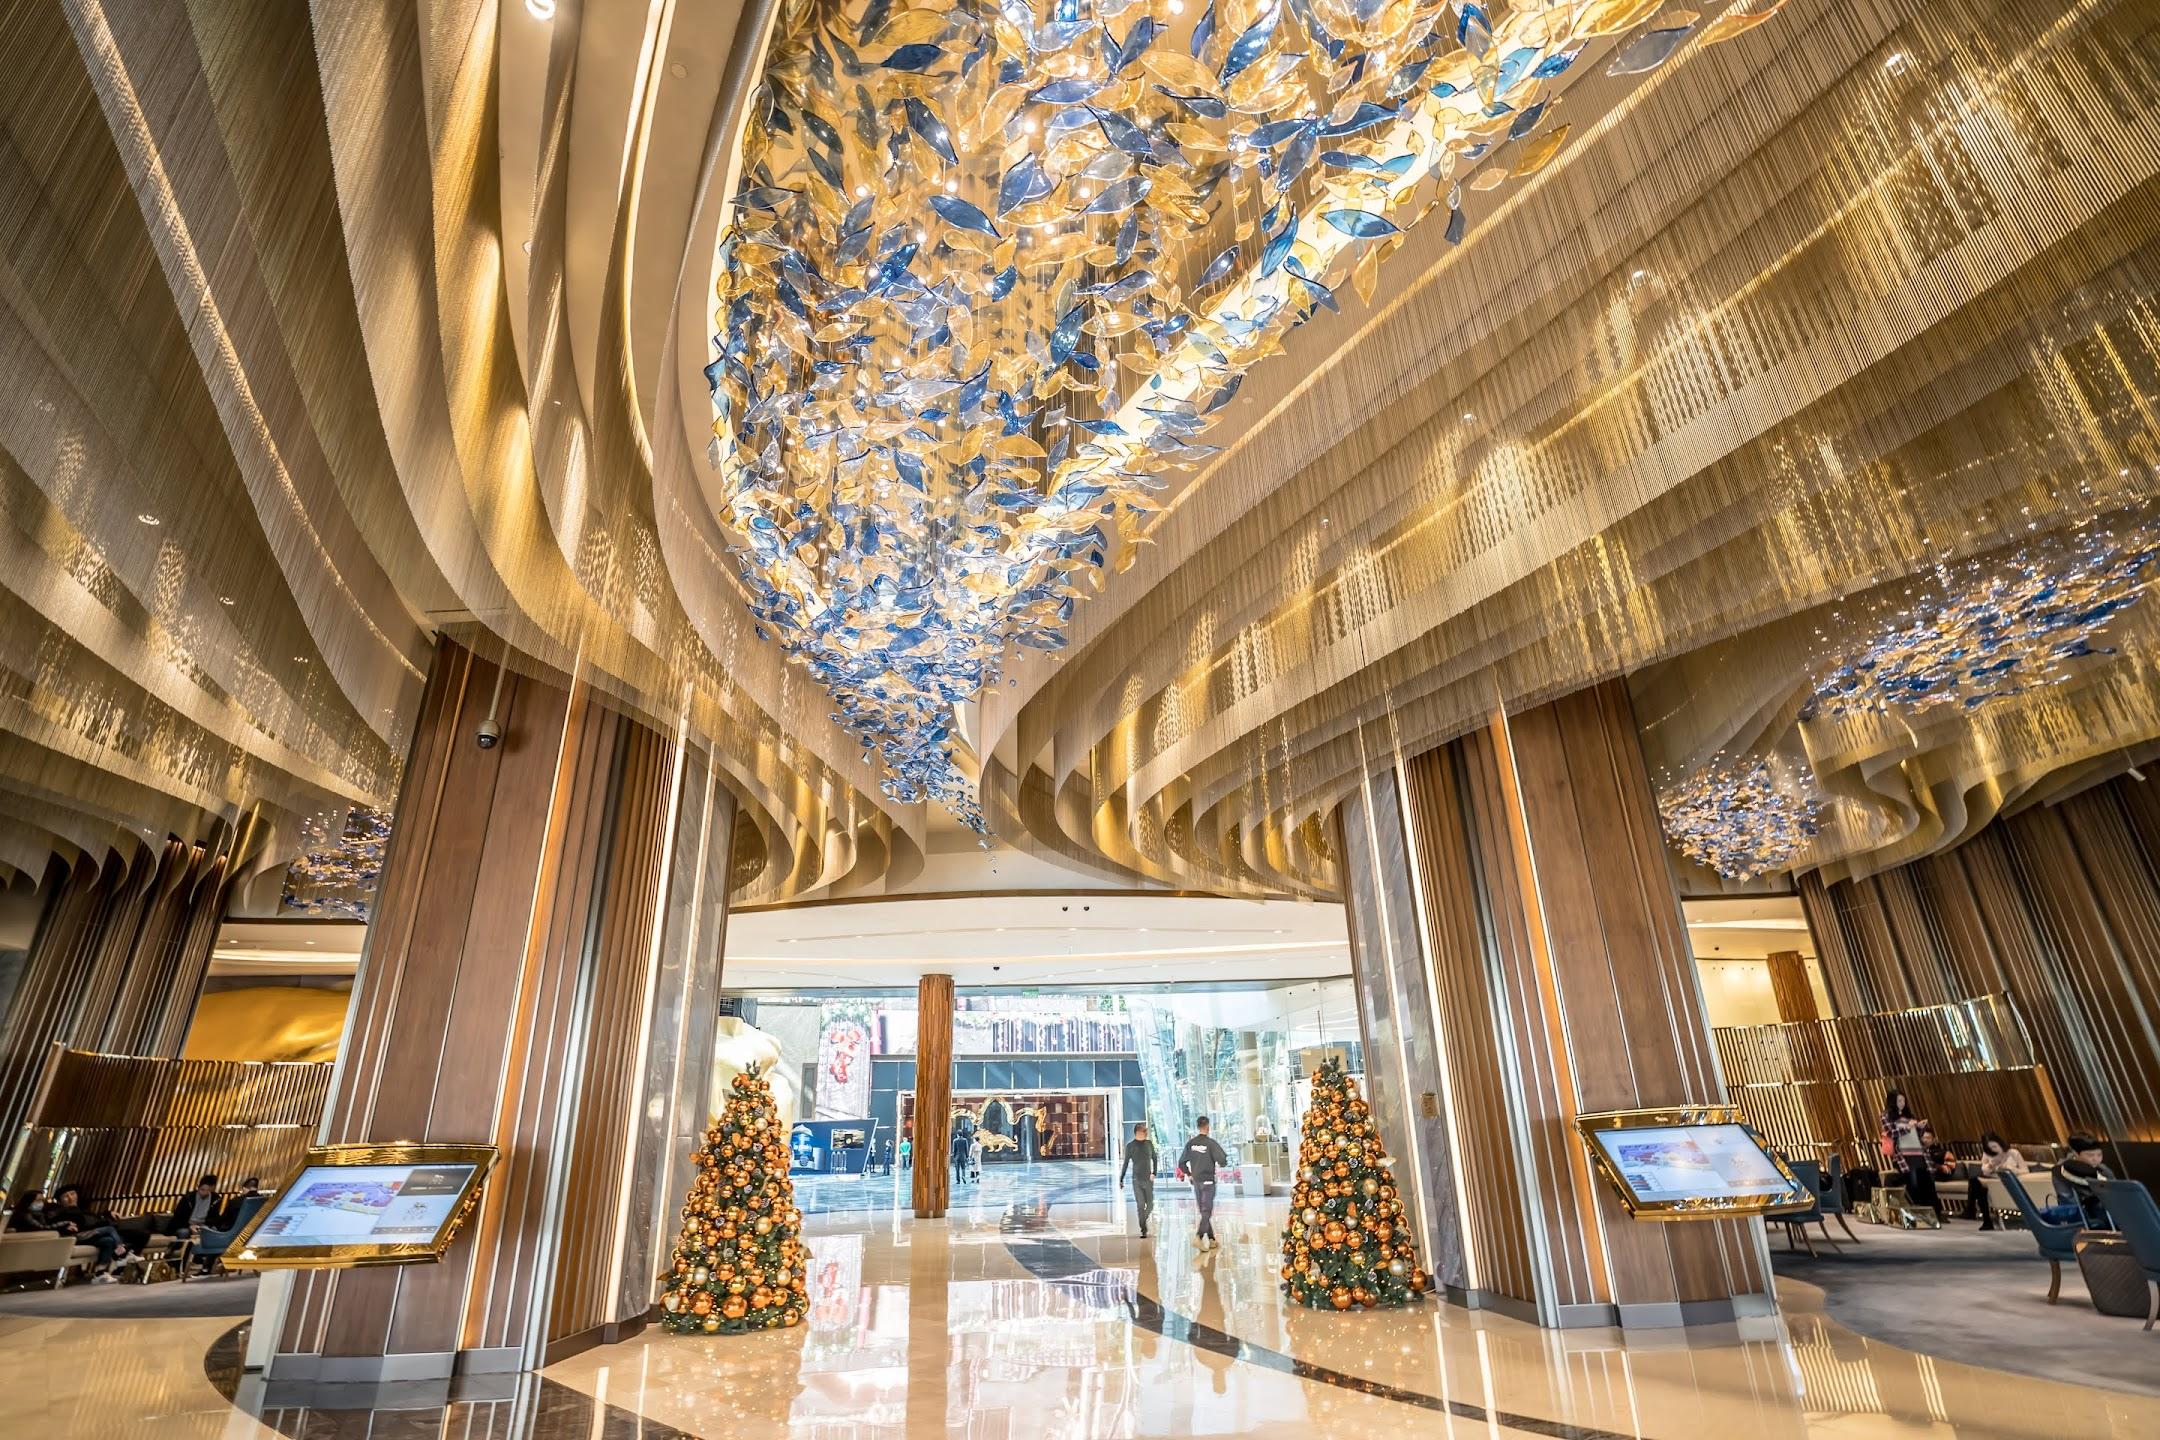 Macau MGM Cotai2